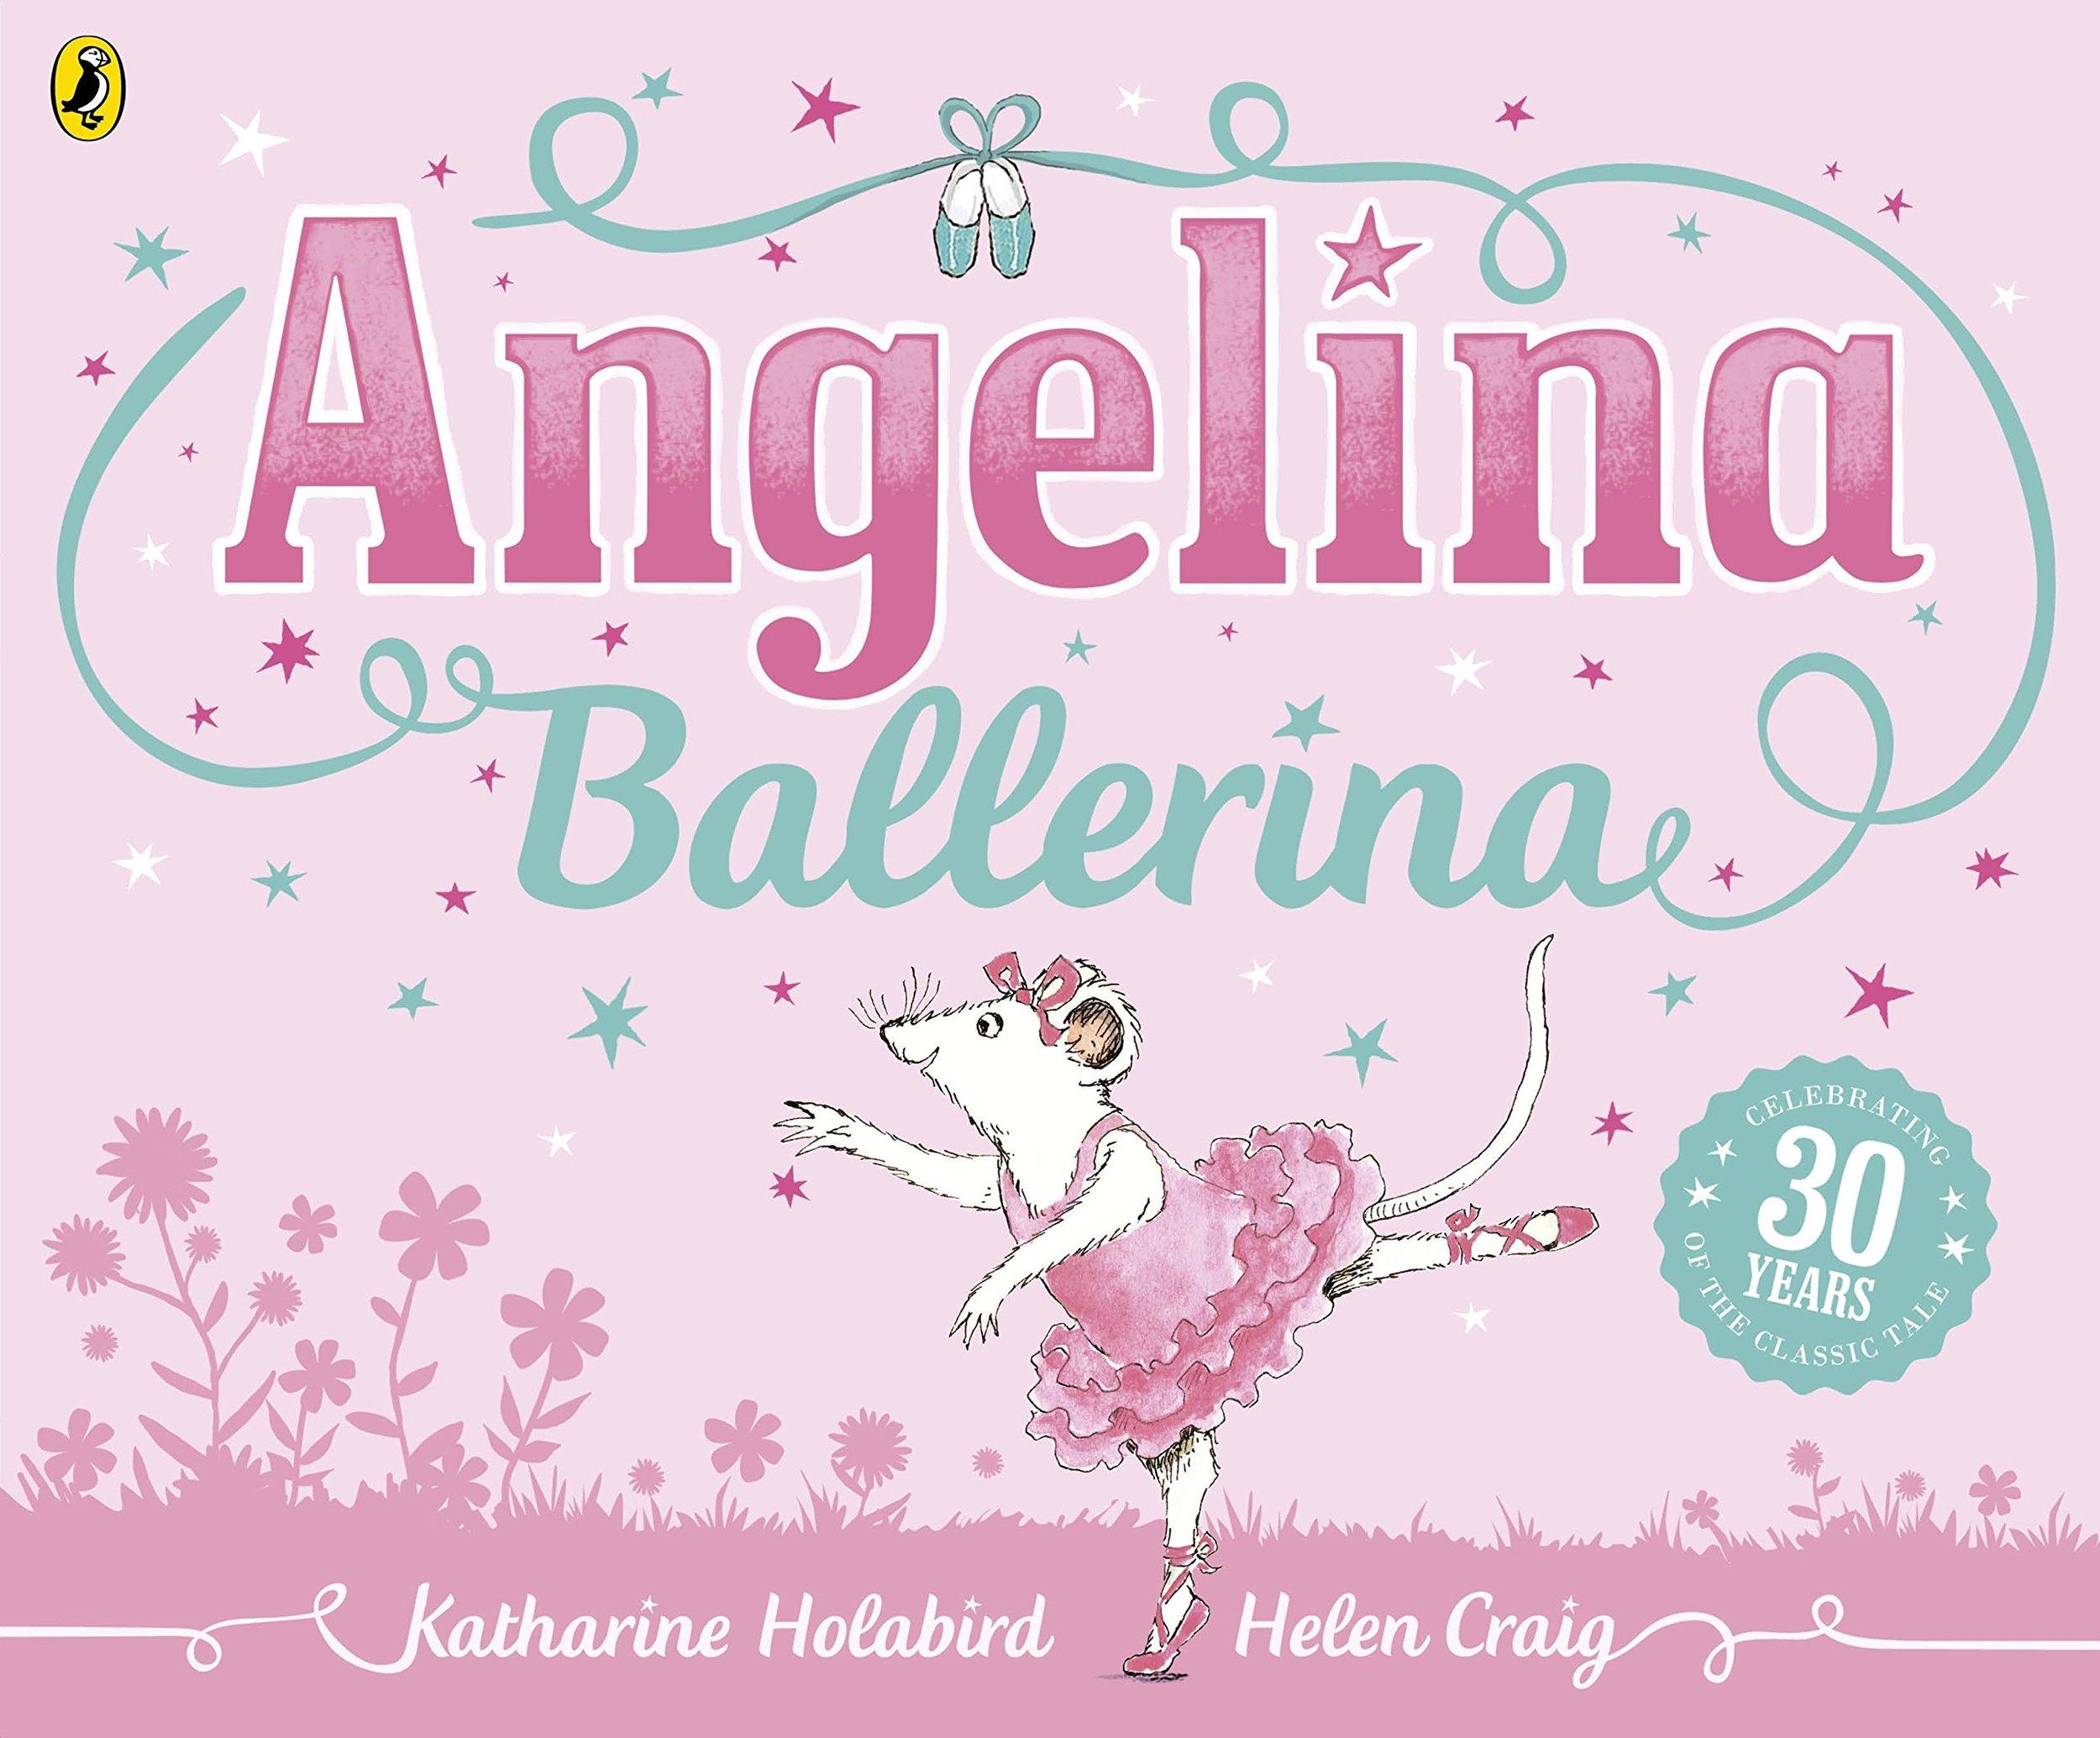 Angelina Ballerina.jpg